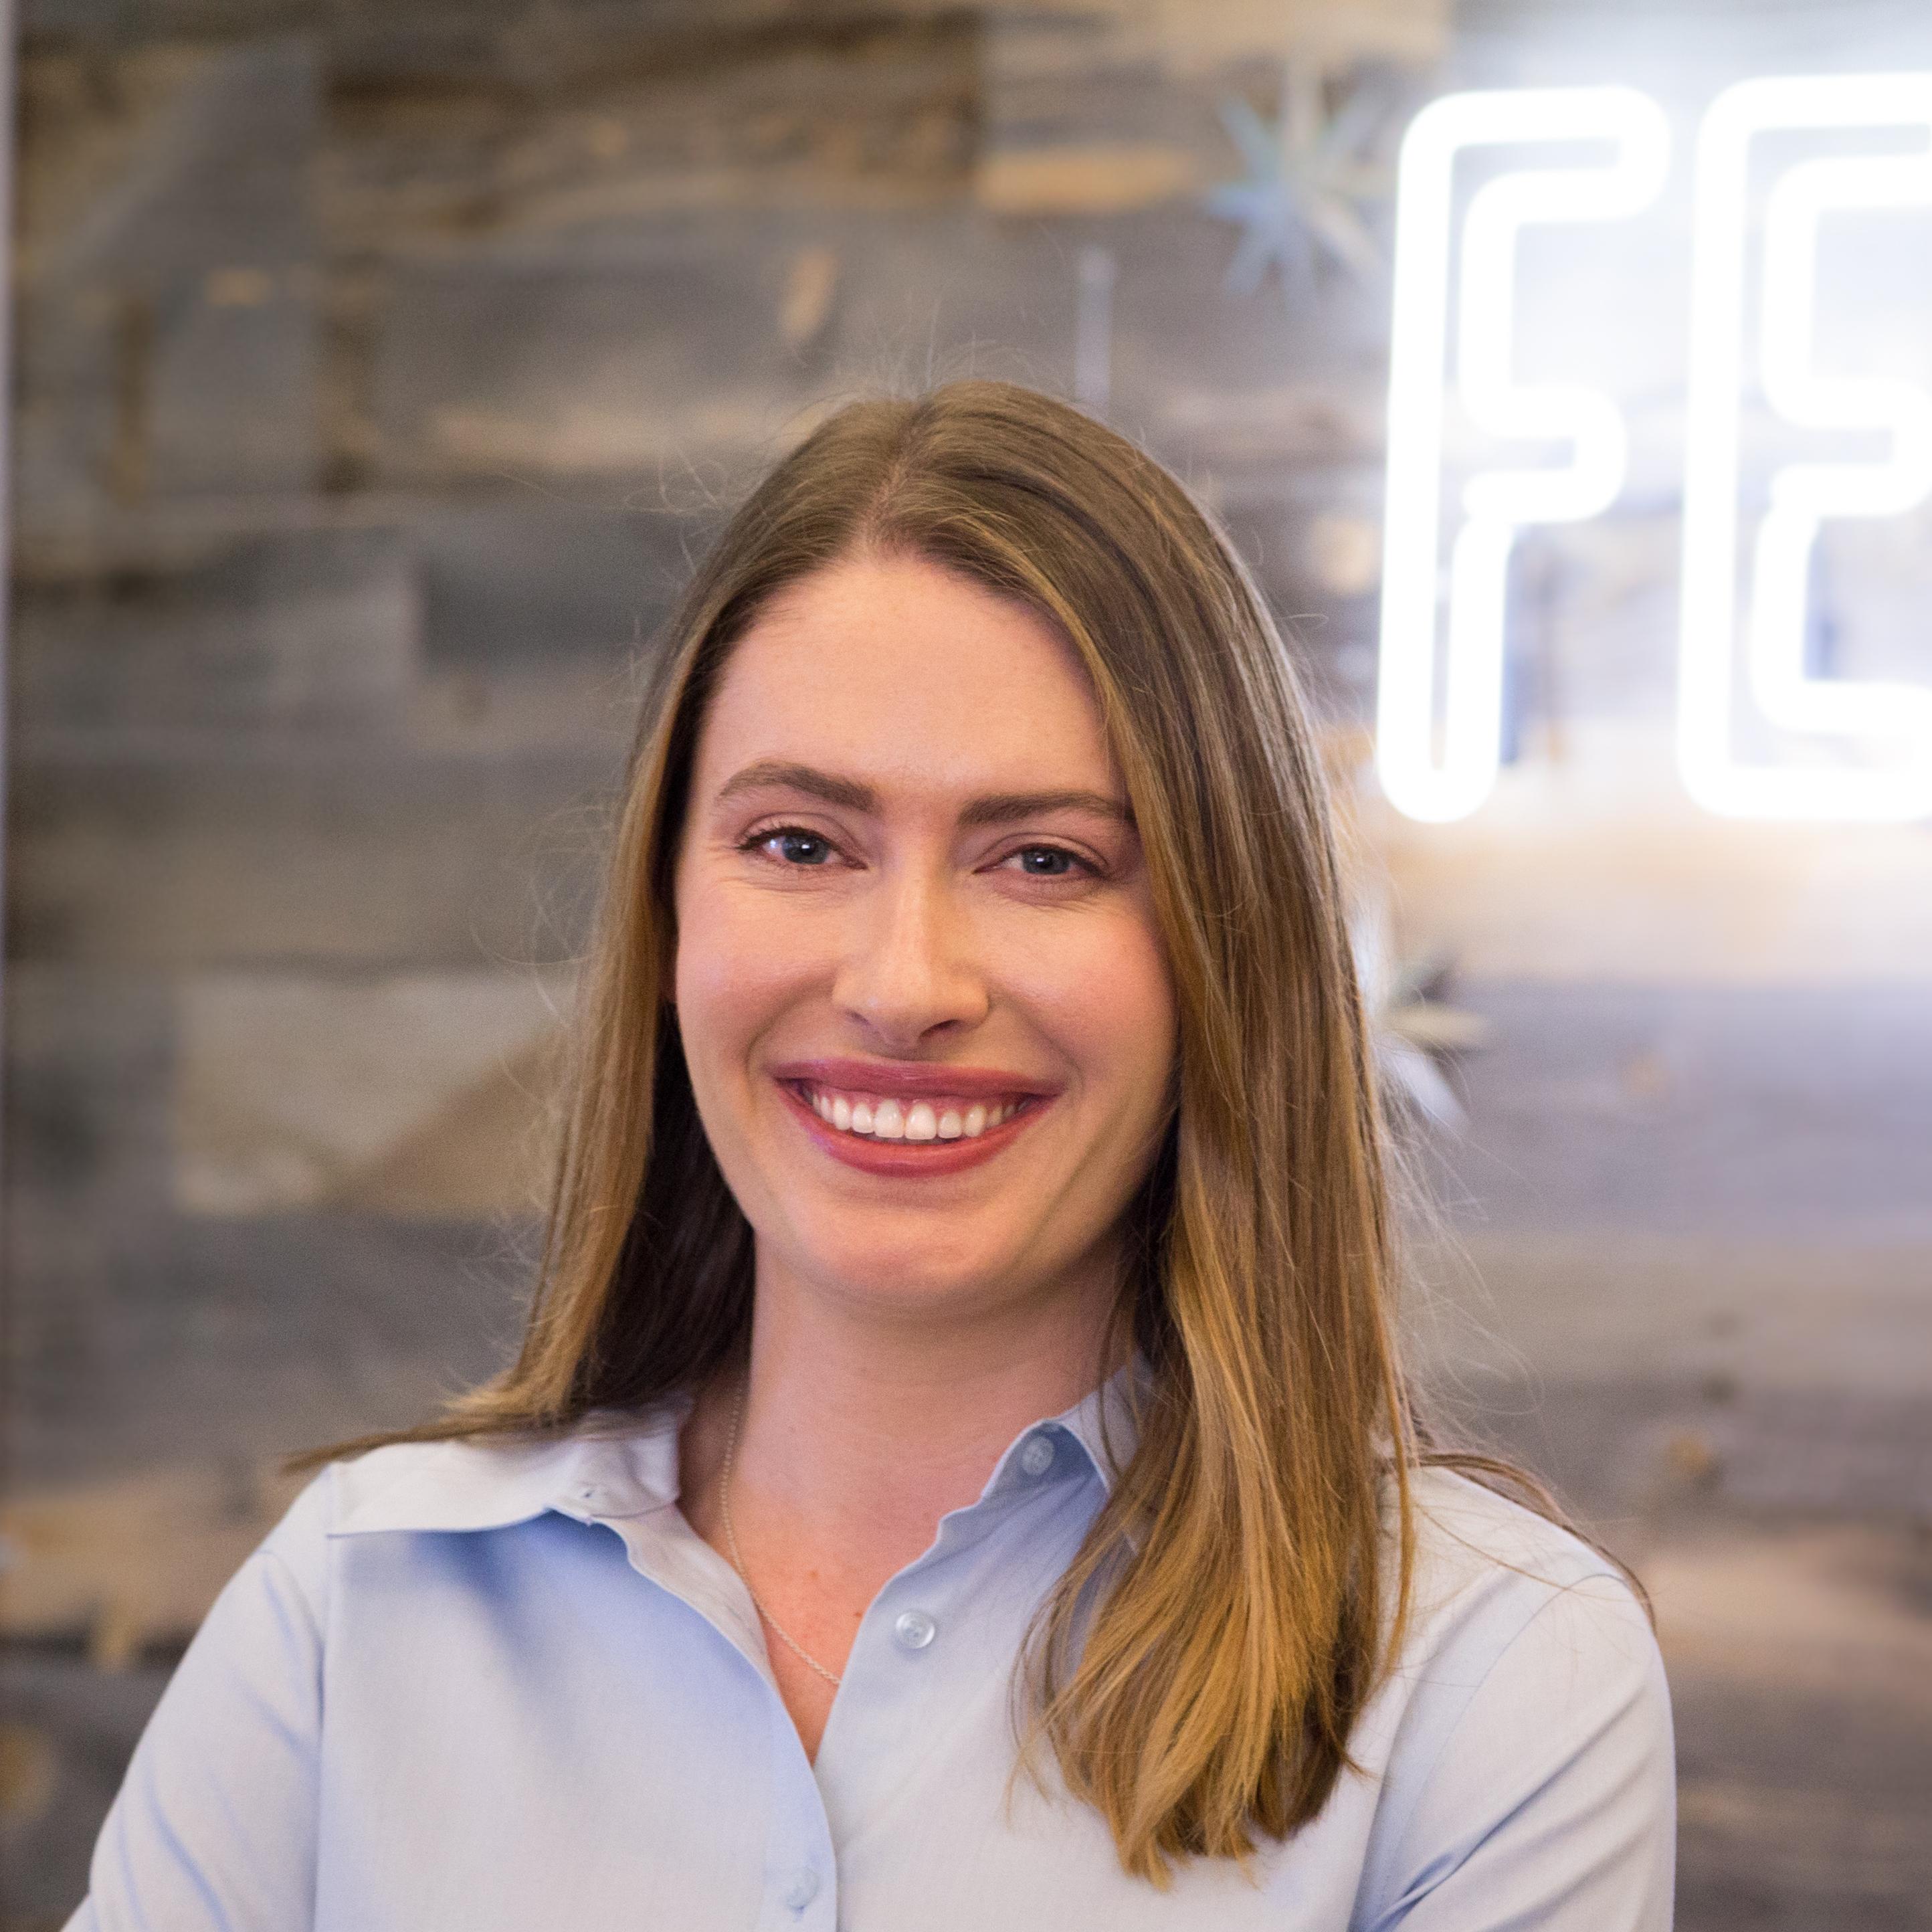 COO of FeedMob Sarah Hawley's headshot